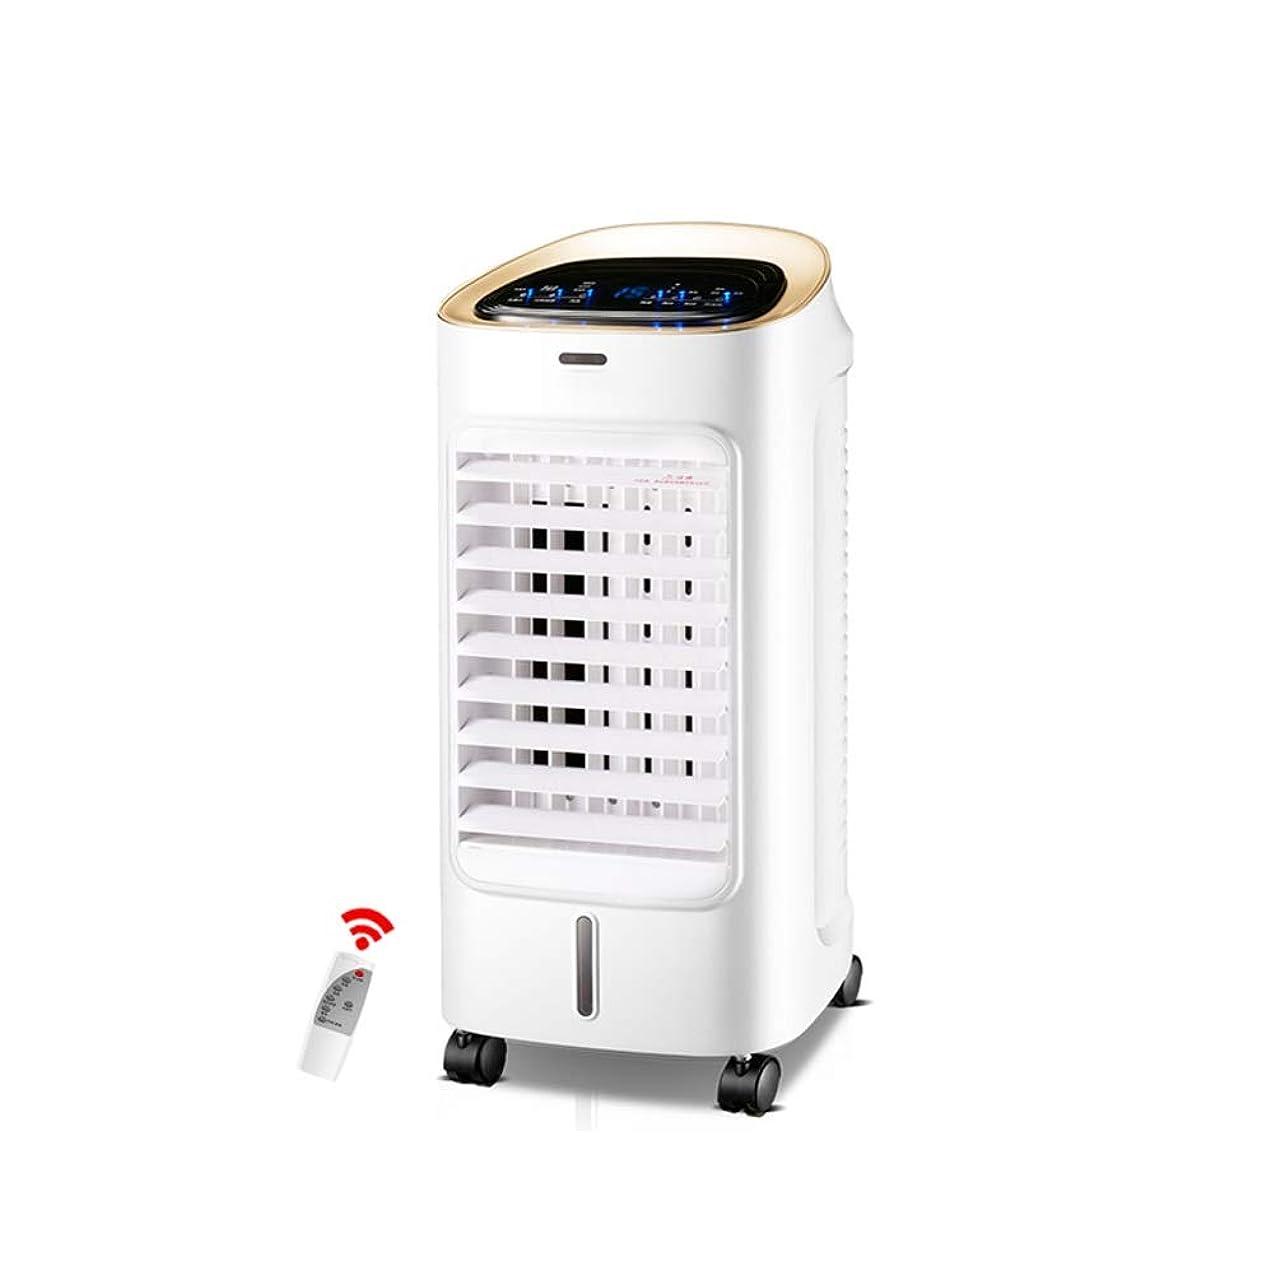 中絶ミットコンテンポラリーLPD-冷風機 ポータブル蒸発エアコンタワーコールドエアクーラーファンモバイルエアコンタイミングリモコンマイナスイオン精製9H